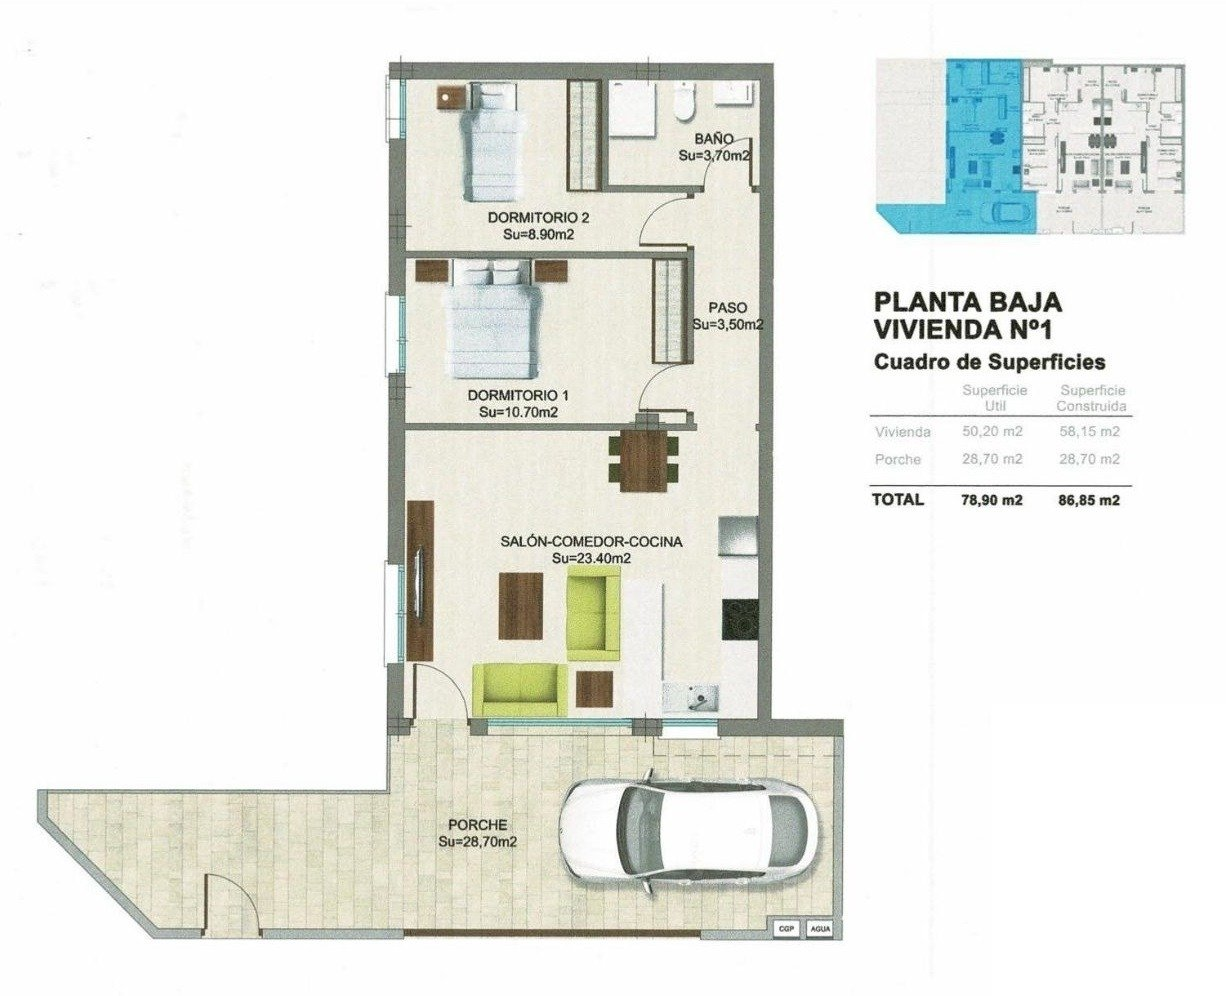 Moderno apartamento planta baja en el mojón - imagenInmueble13